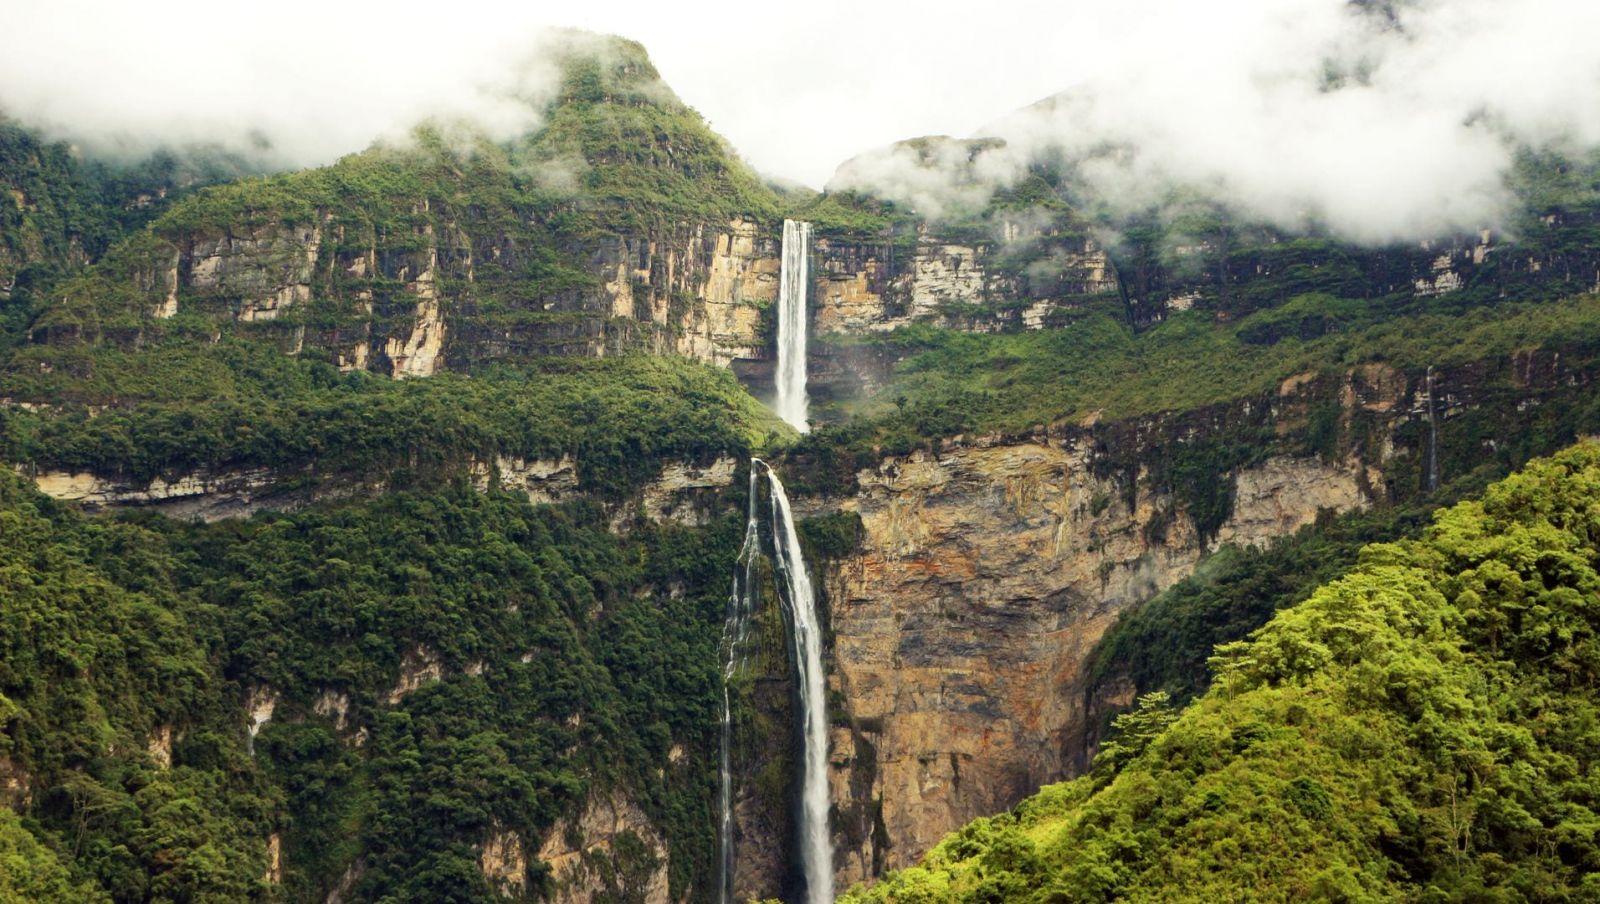 Cataratas de Gocta, com duas quedas localizadas na província peruana de Bongara no Amazonas